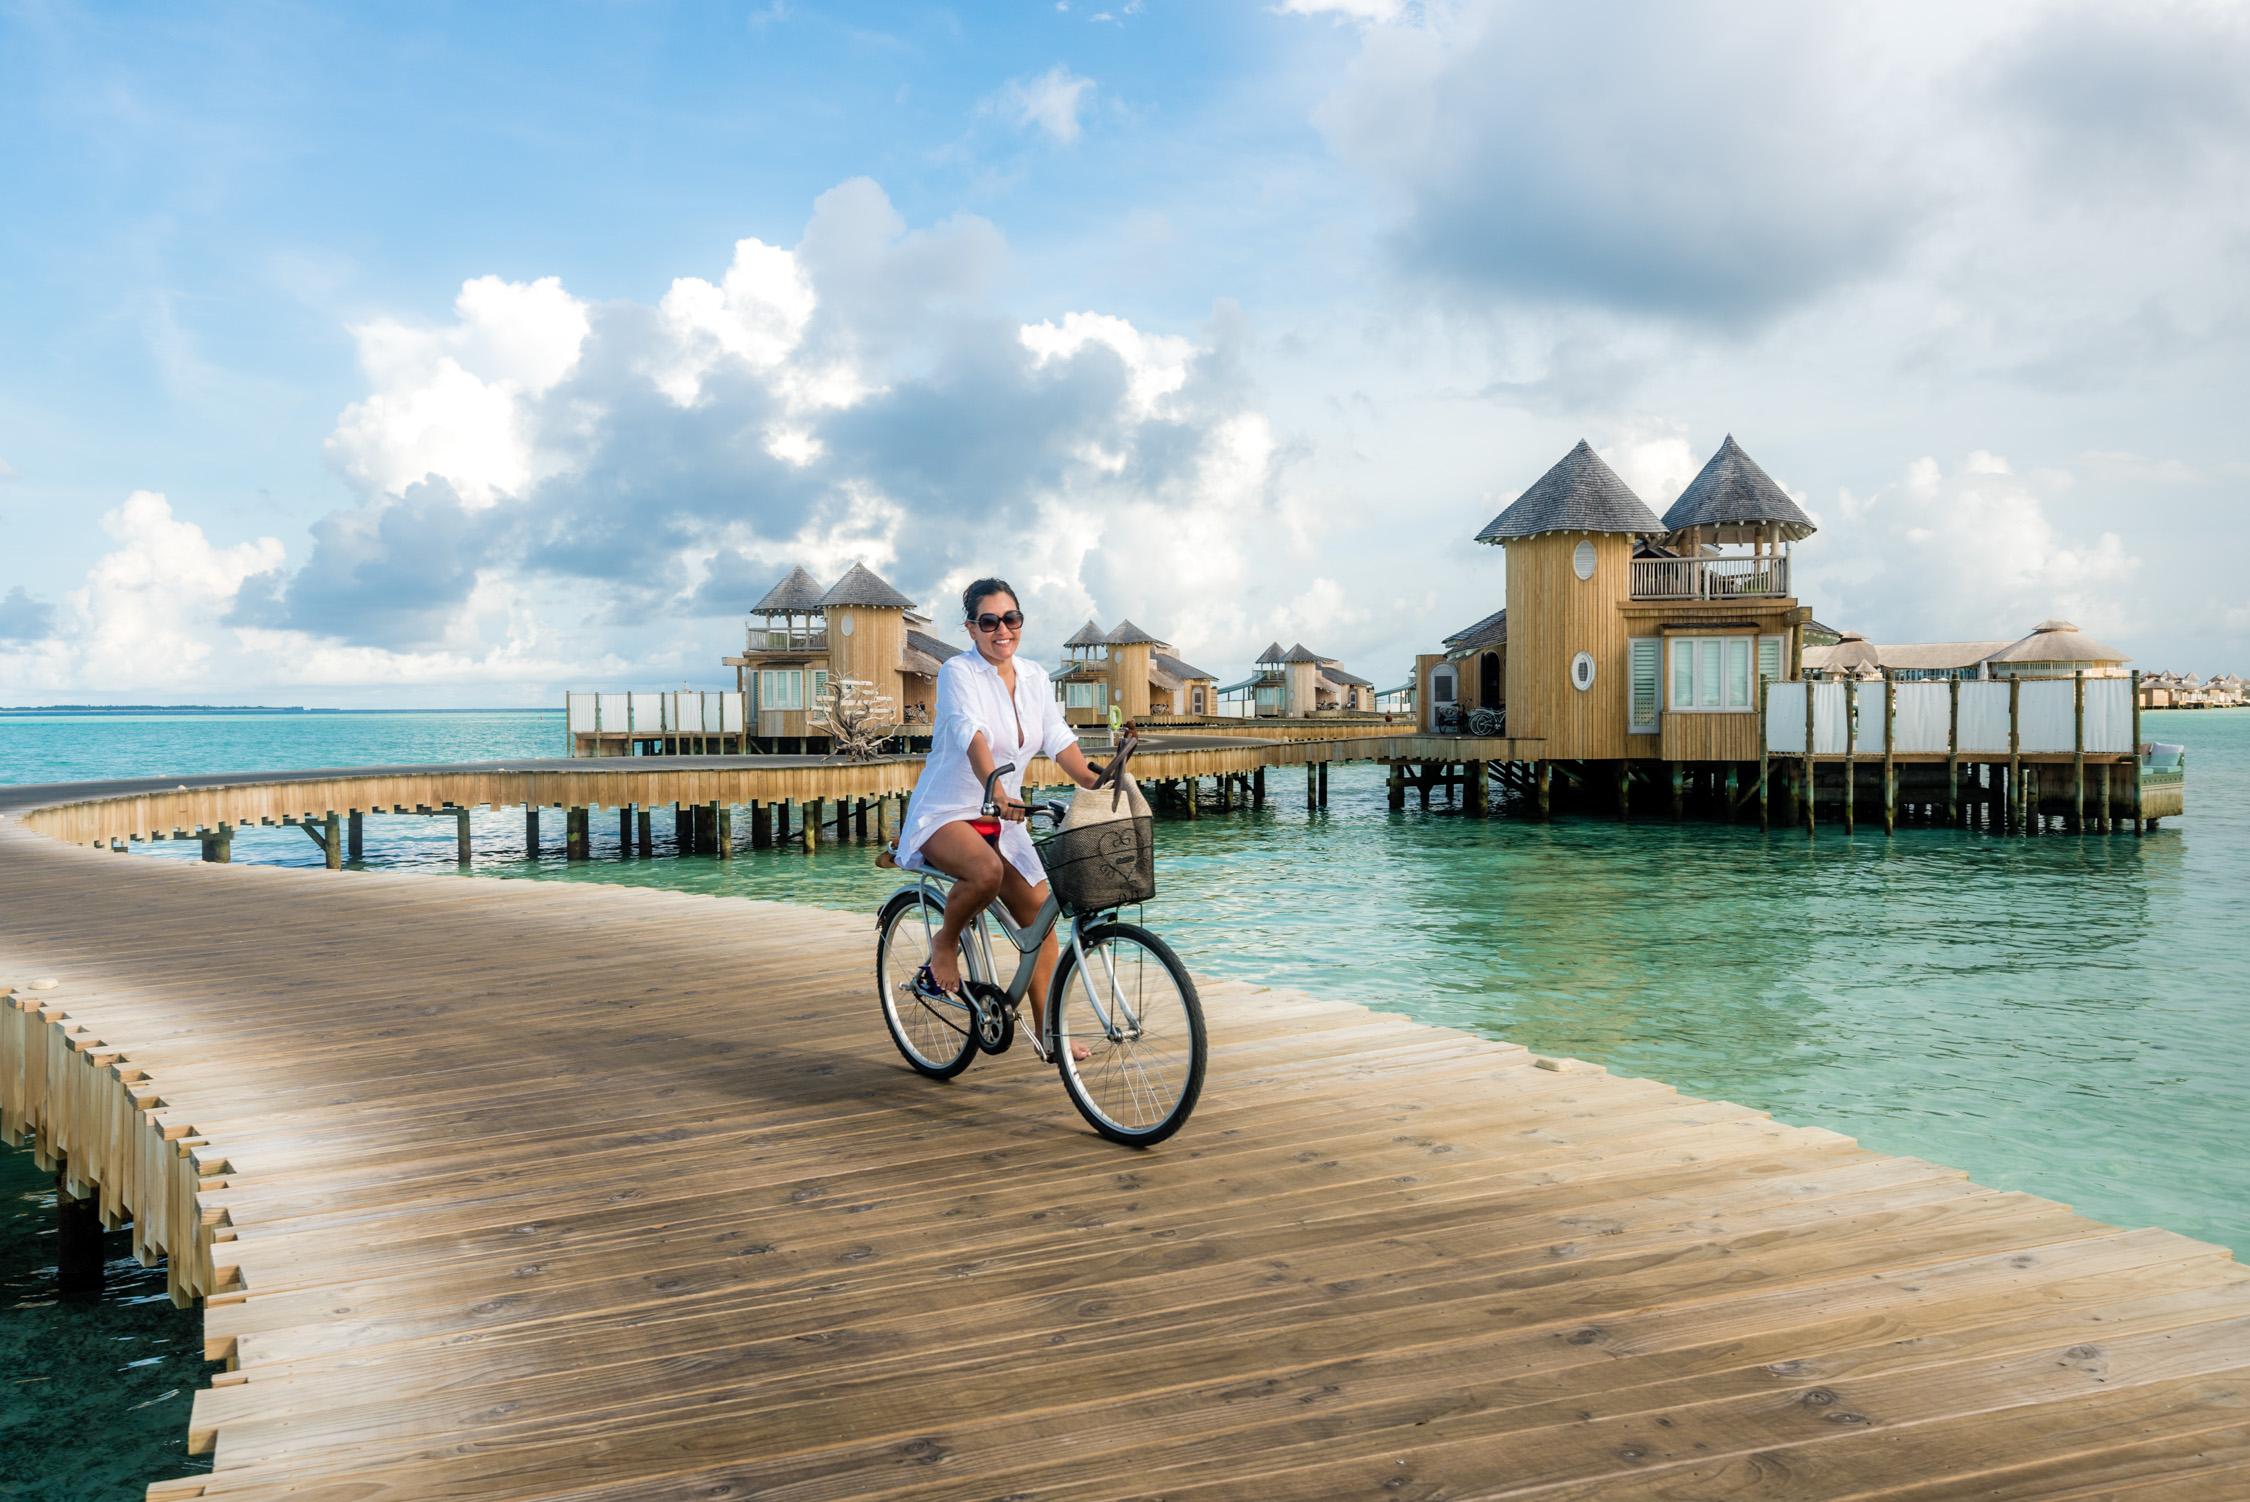 Maldives_Soneva-Jani-119-20170513.jpg